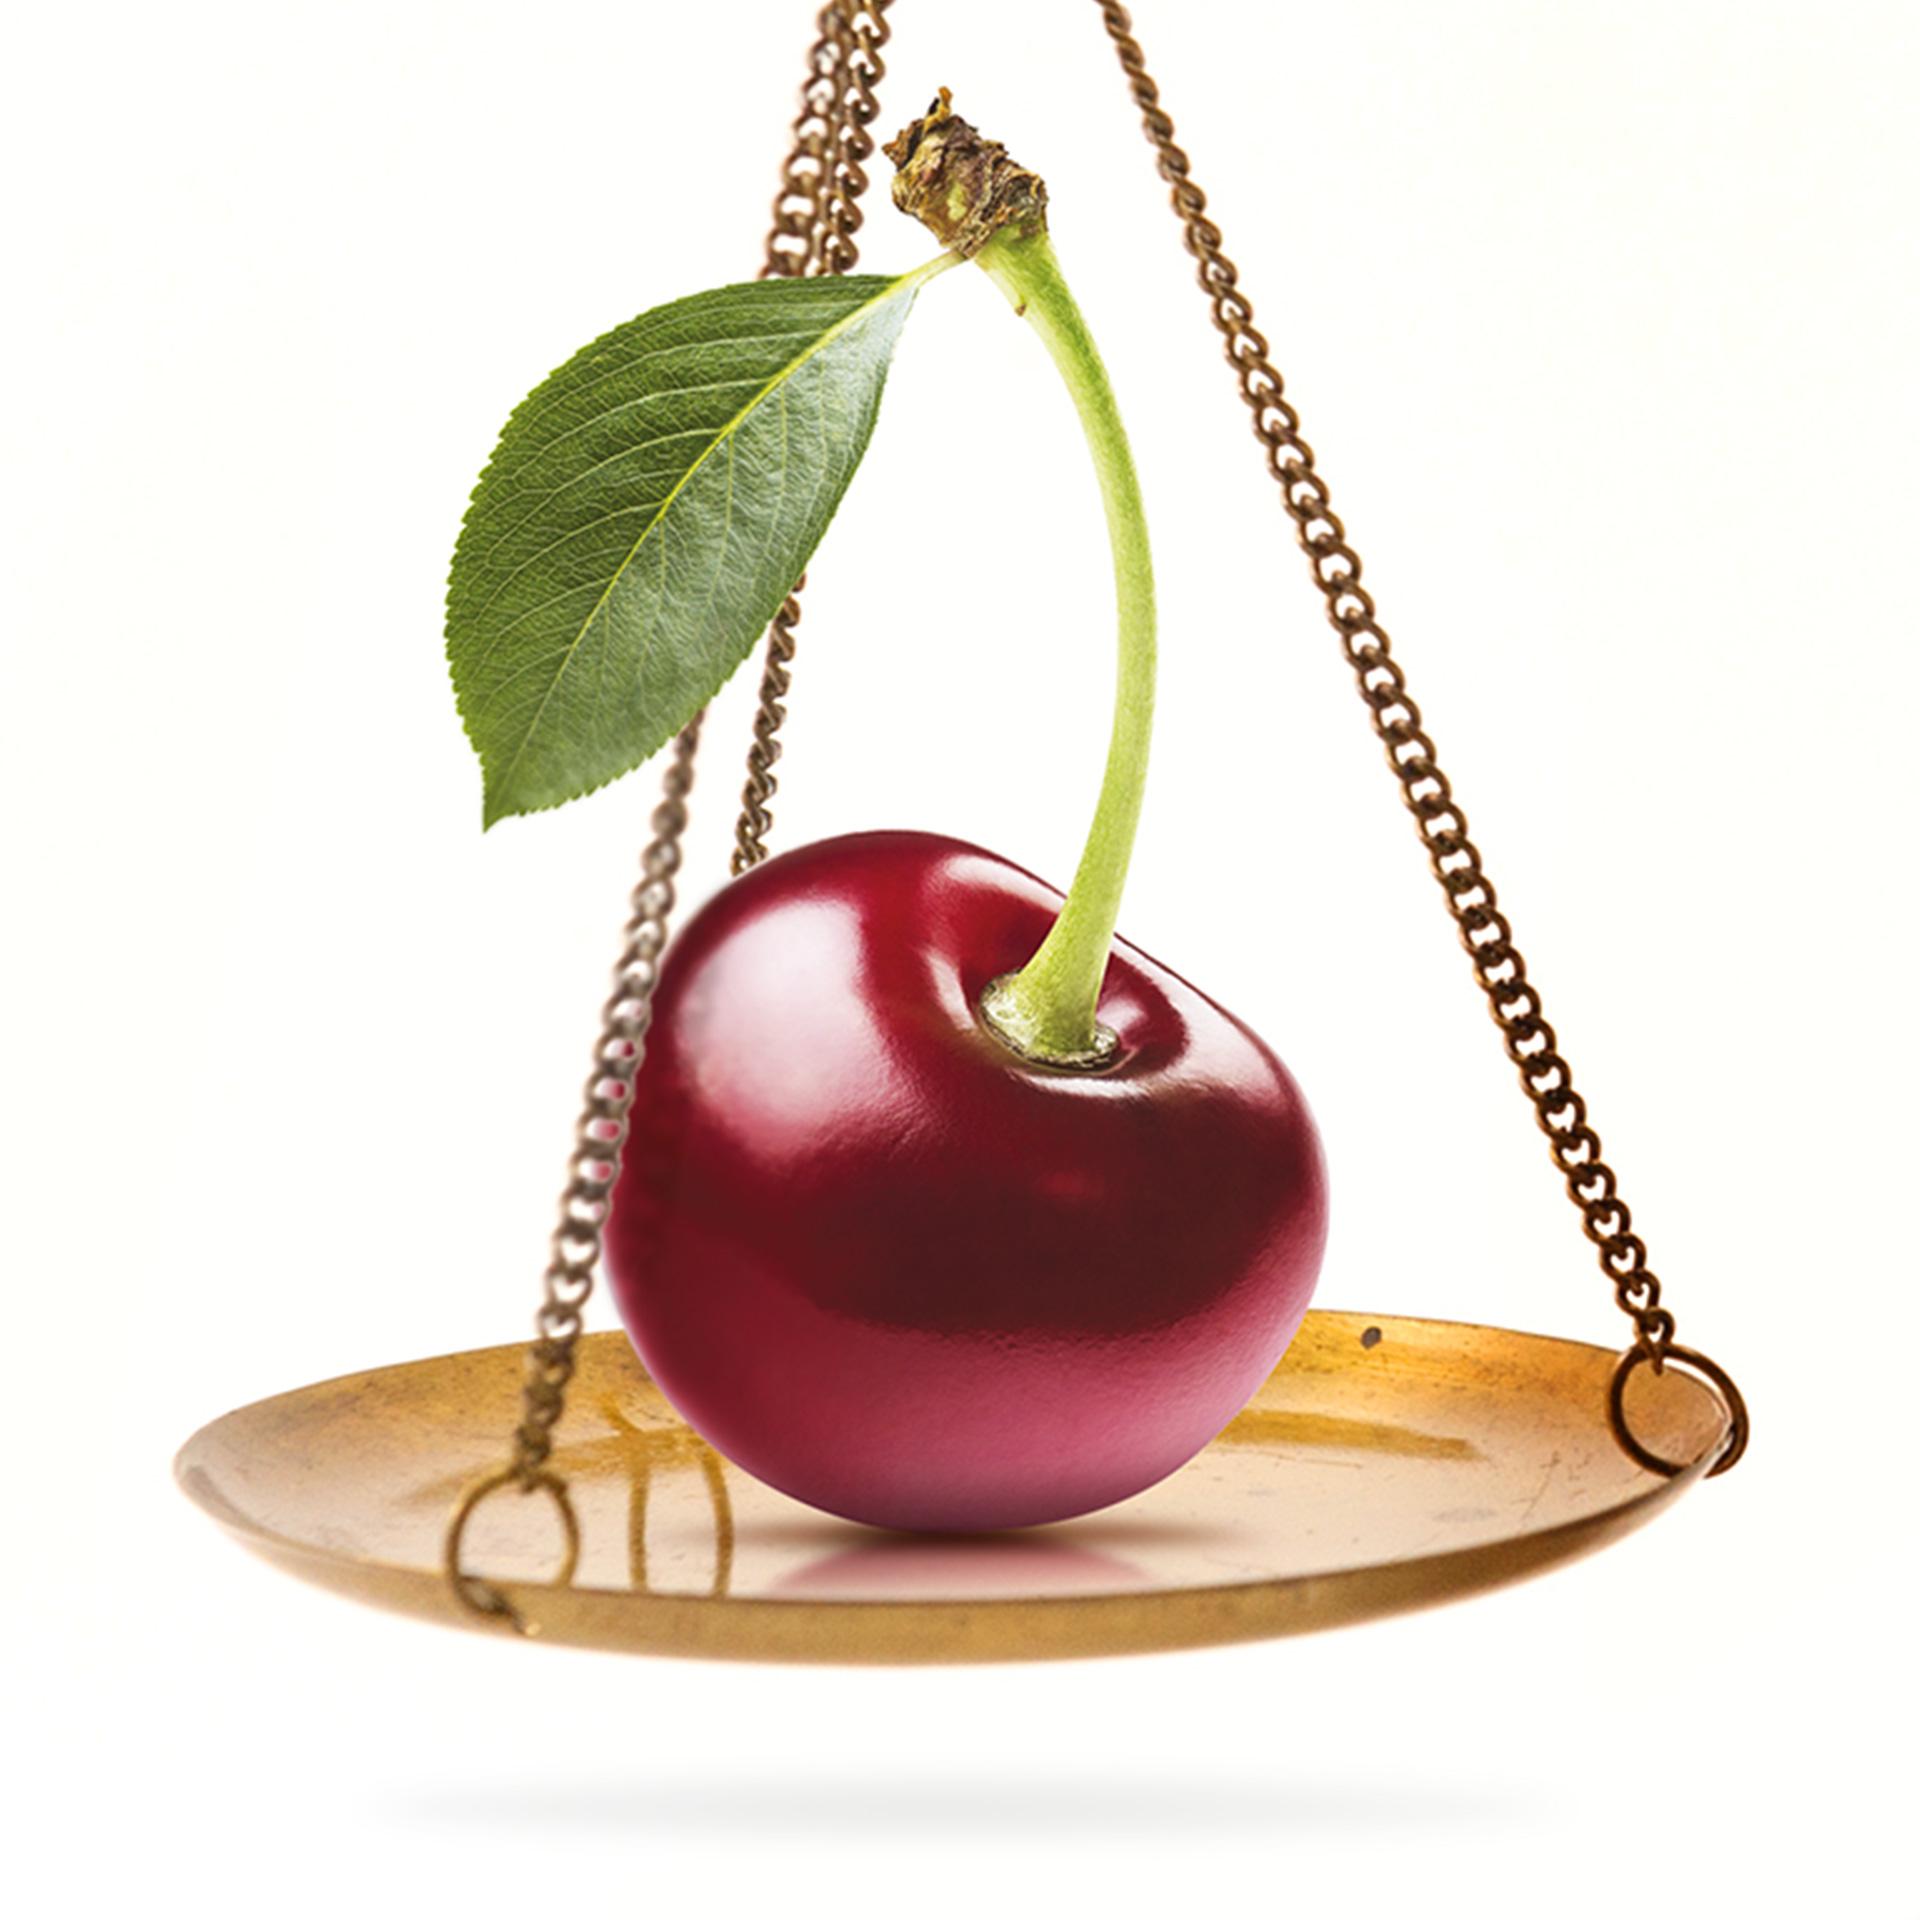 Rassegna stampa della ciliegia da record, la Sweet Stephany